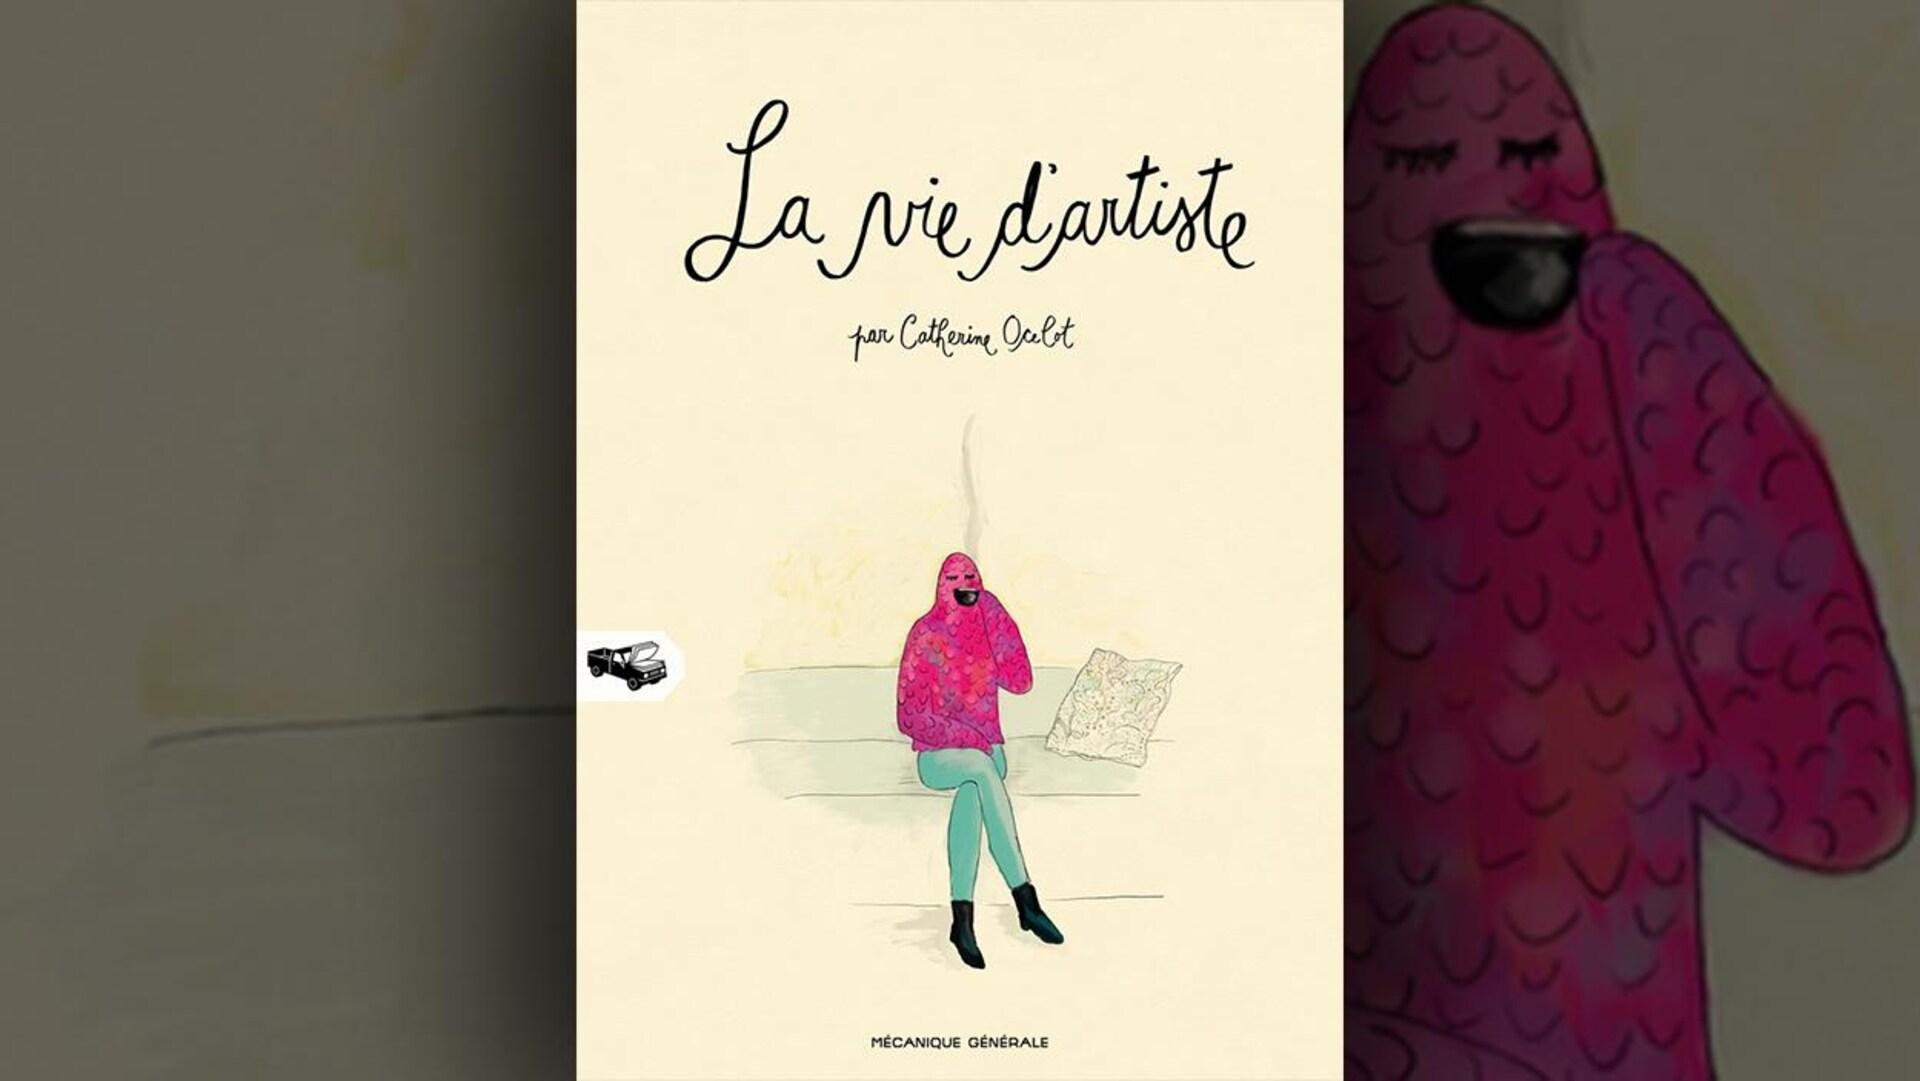 La couverture du livre  La vie d'artiste  de Catherine Ocelot